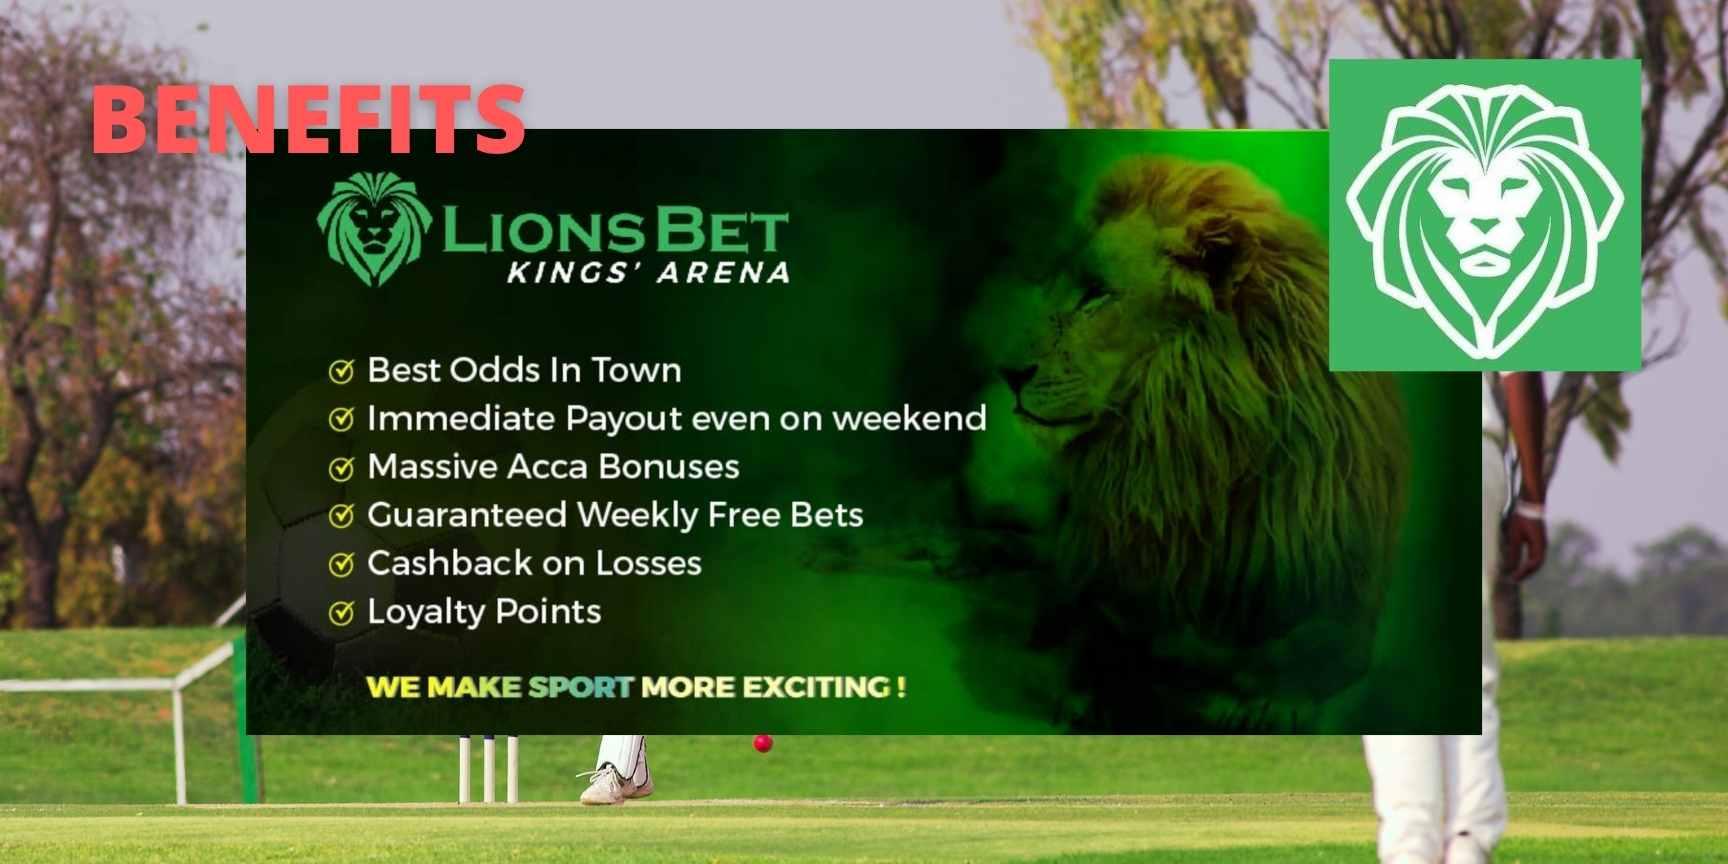 lionsbet benefits